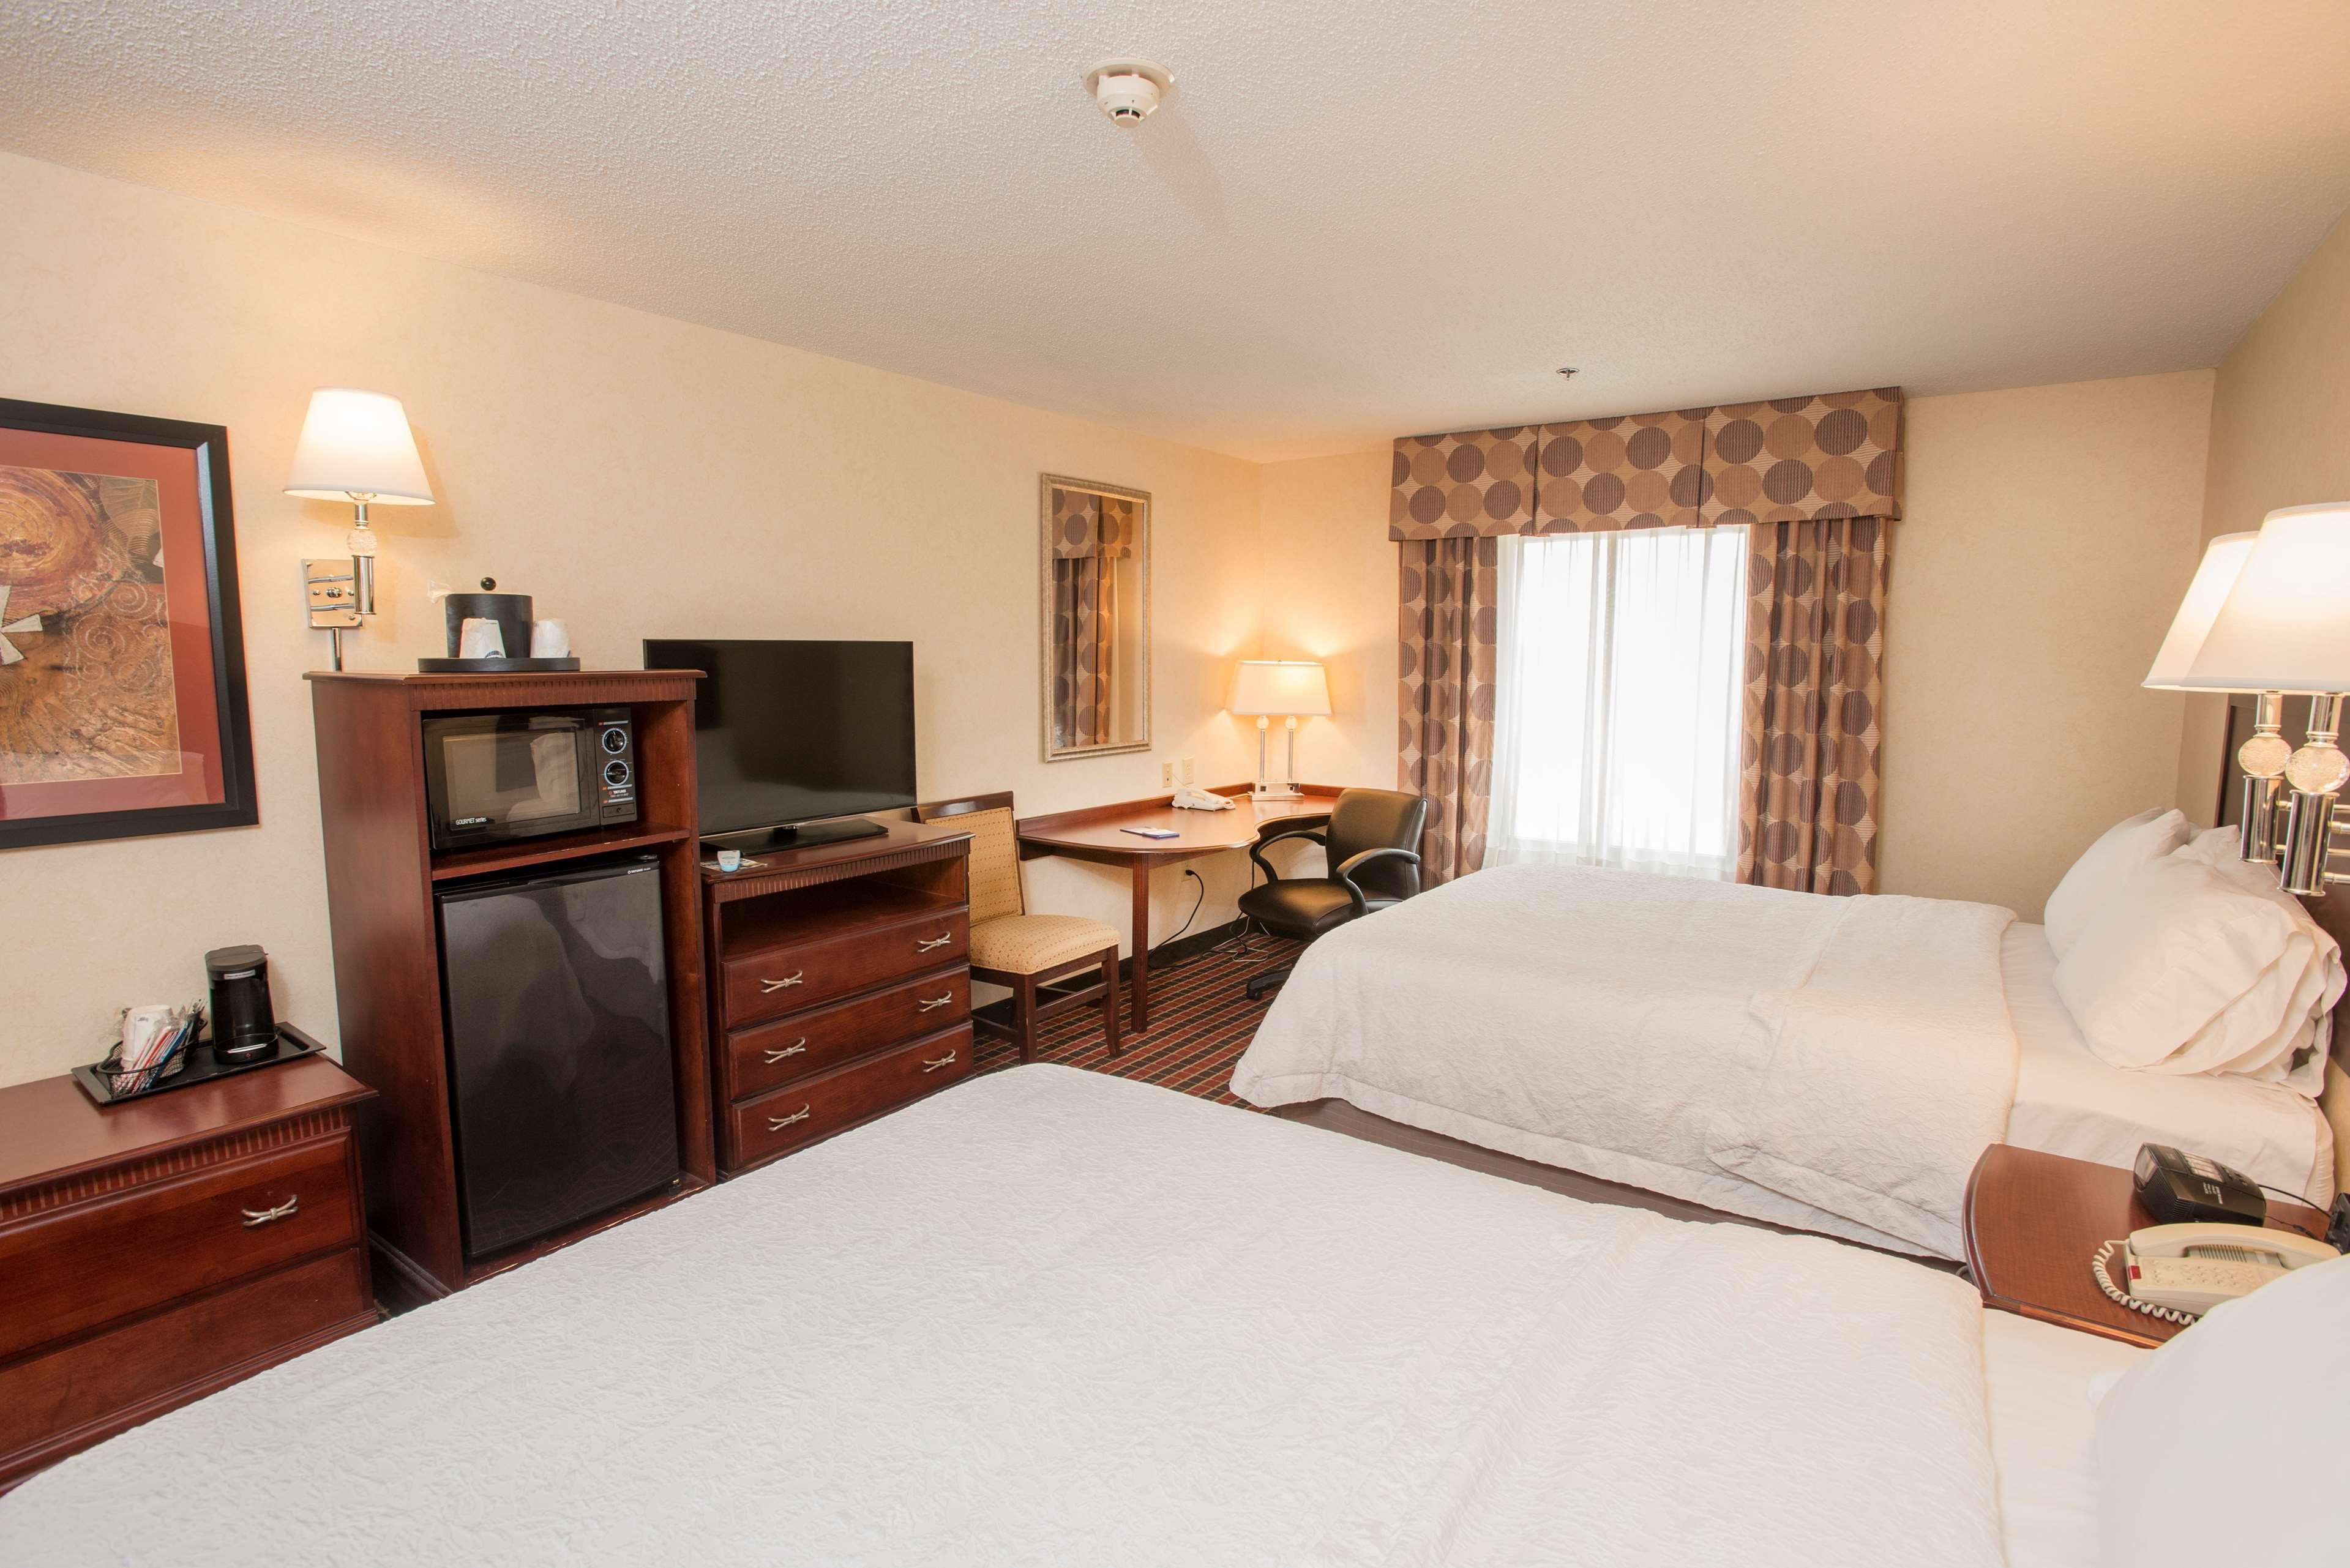 Hampton Inn & Suites Dayton-Airport image 22